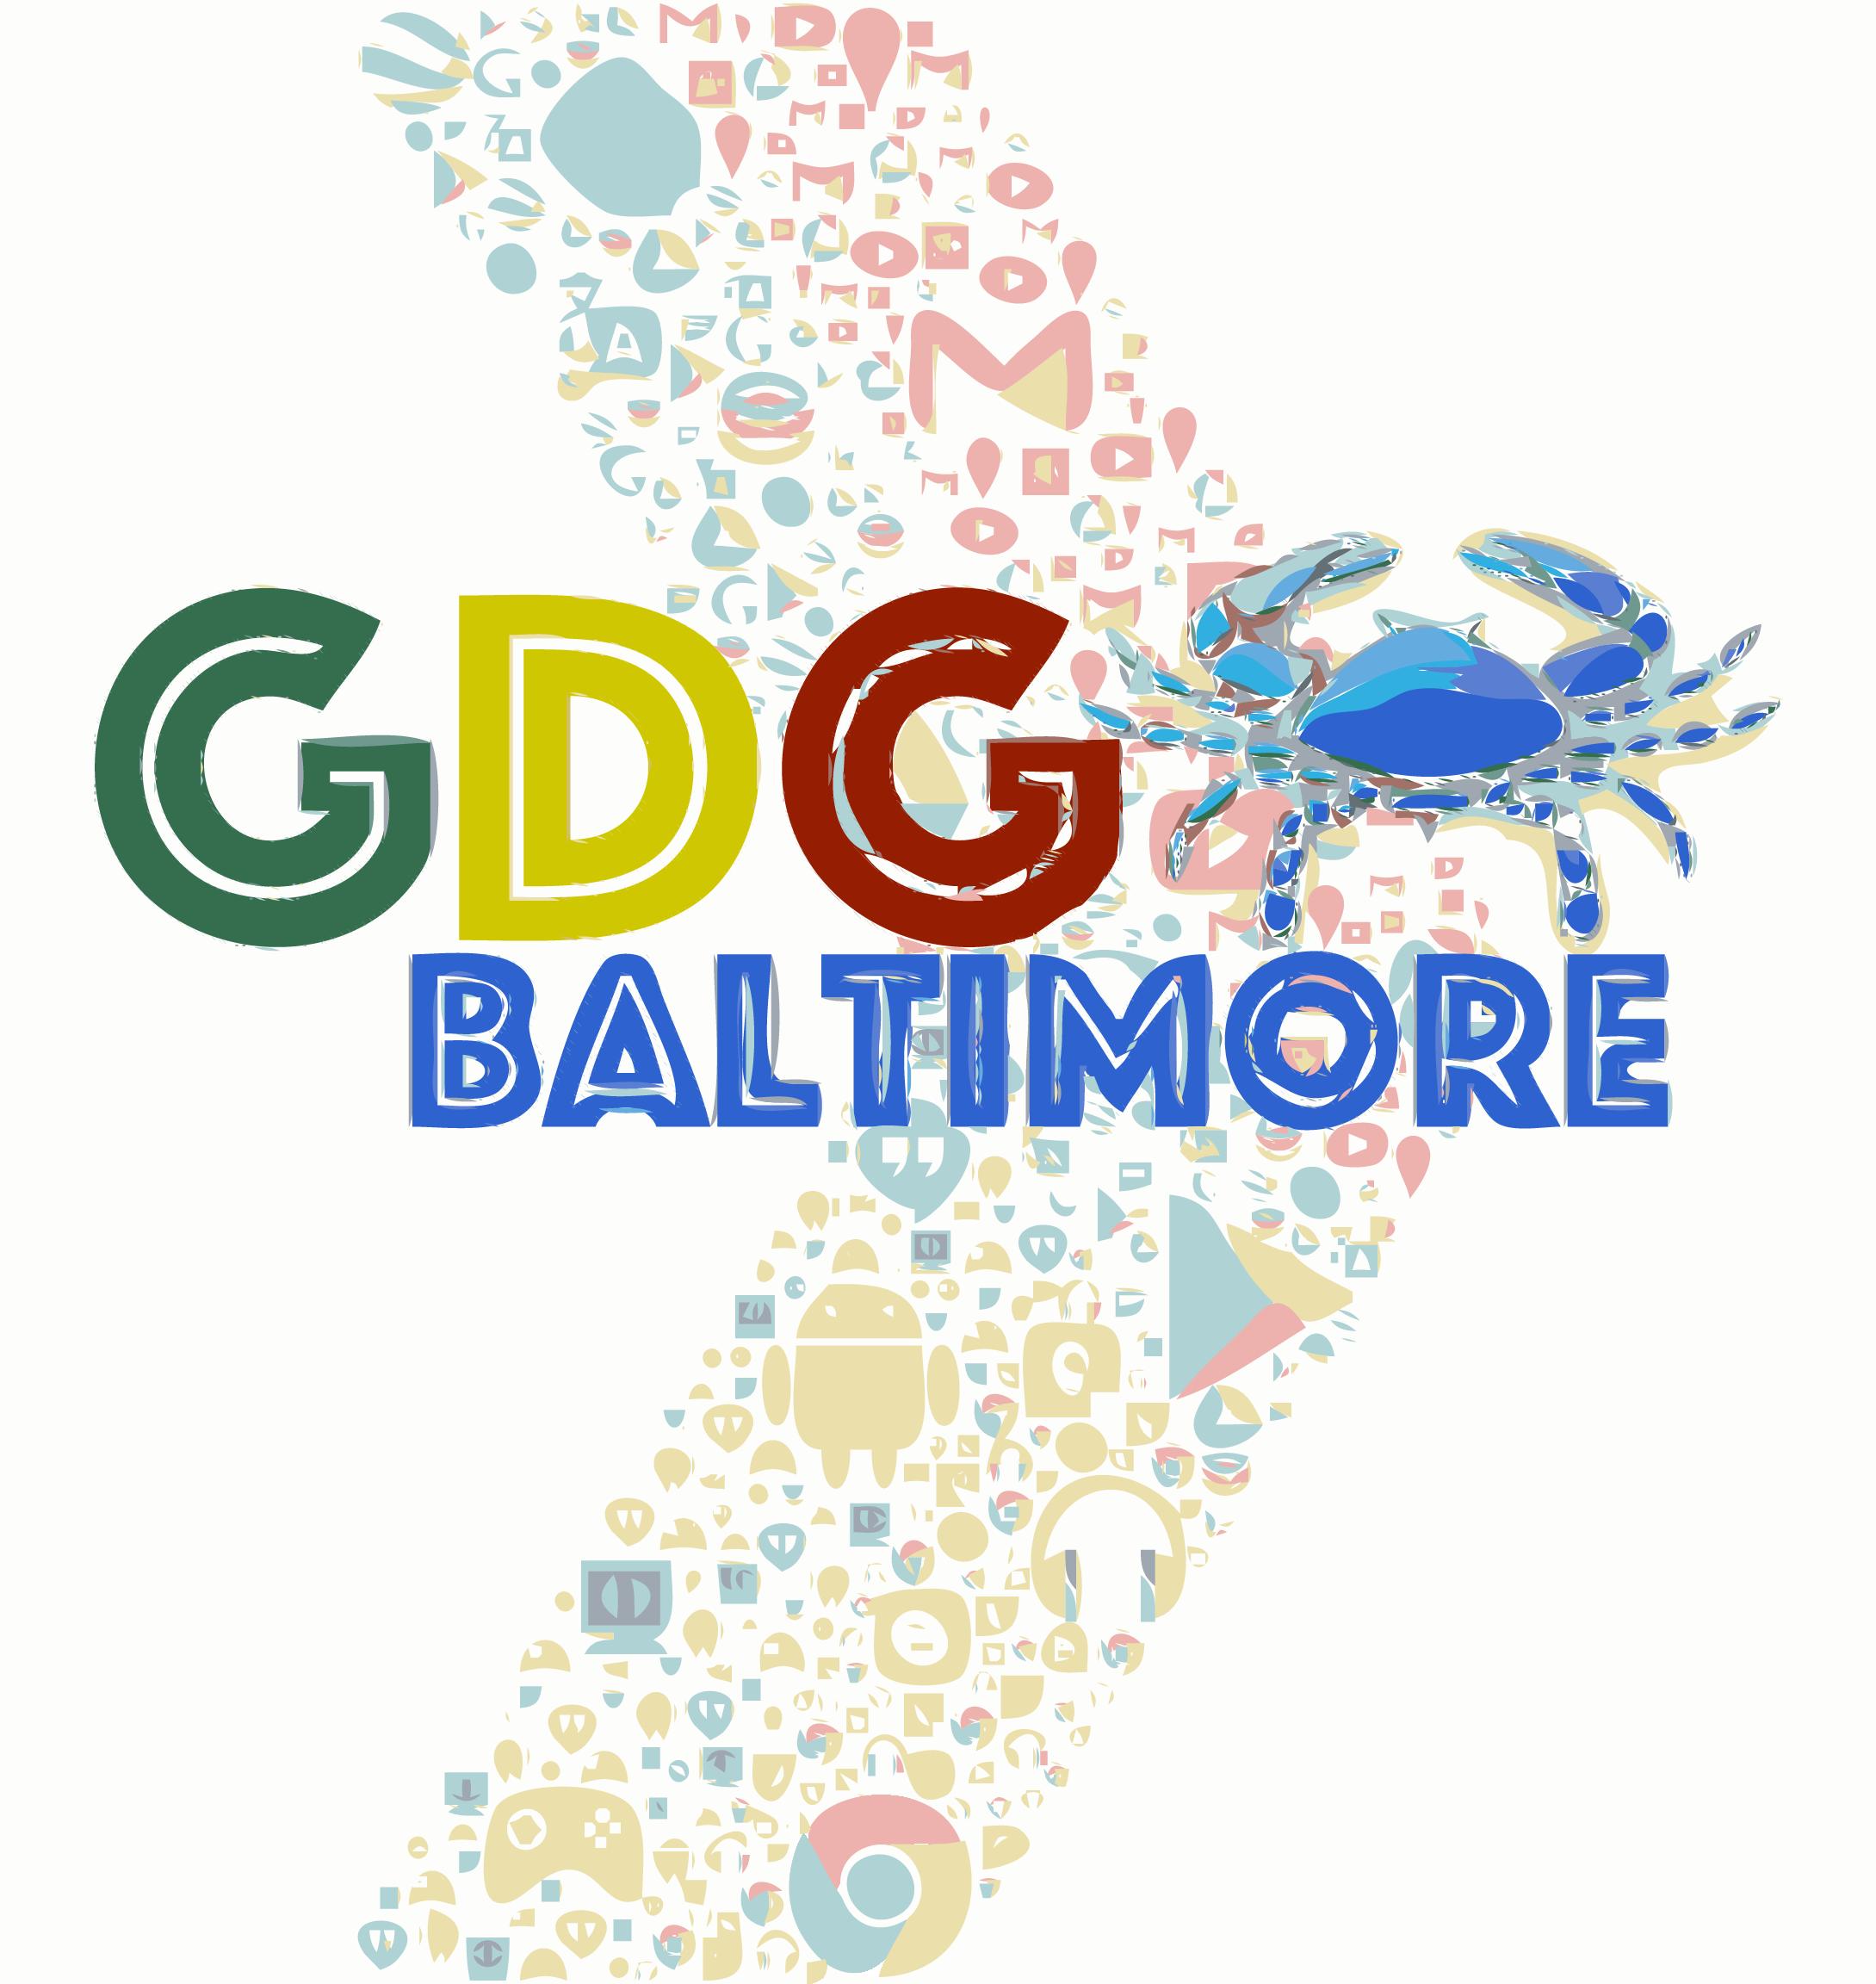 Google I/O Extended Baltimore Recap